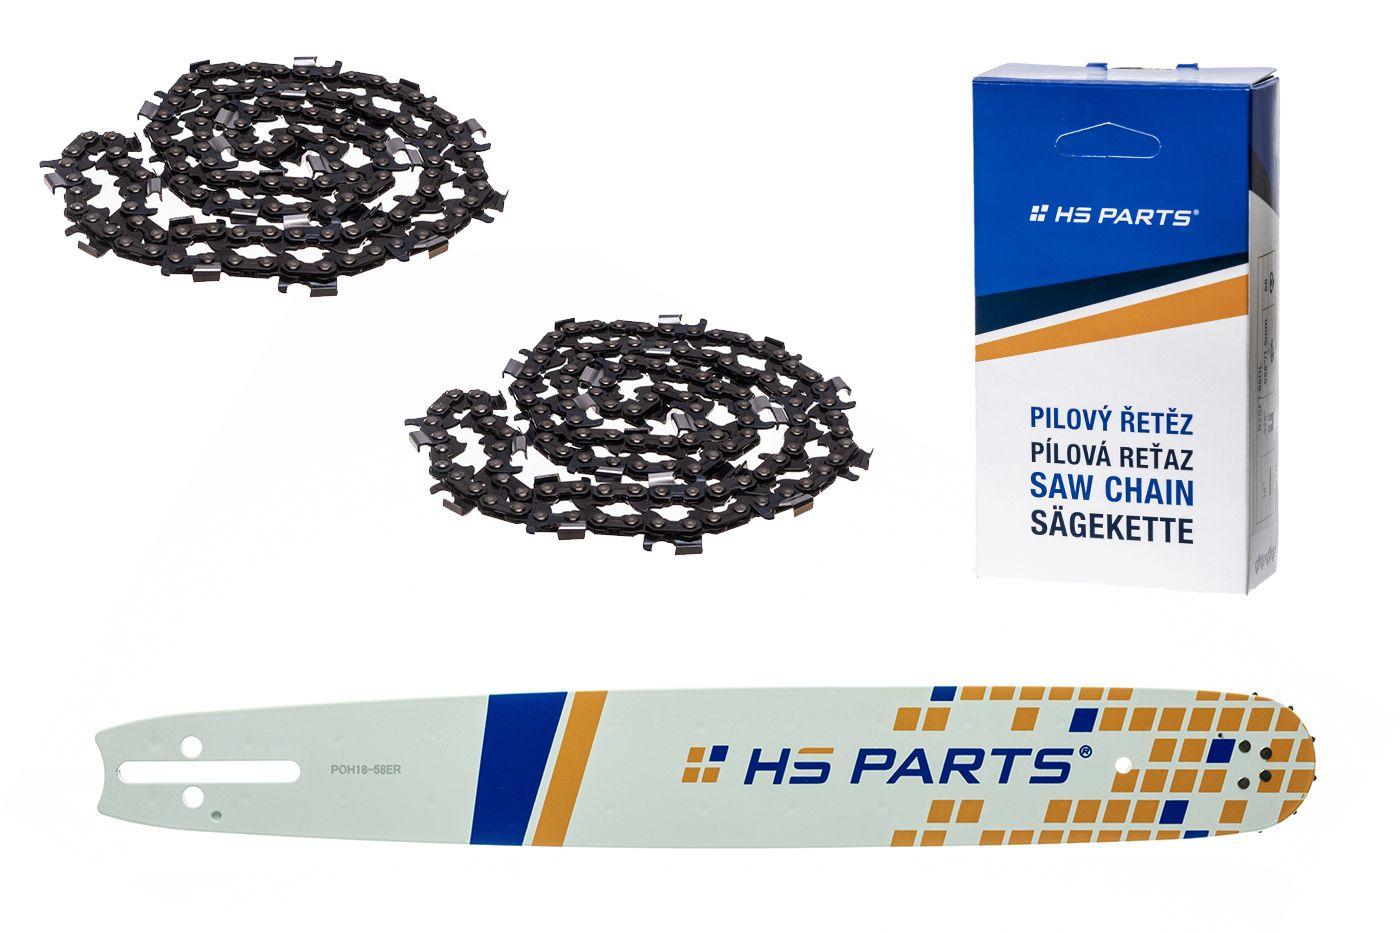 """HS PARTS Akčná súprava - vodiaca lišta 18"""" (45 cm) 3/8"""" .058"""" (1,5 mm) + 2 x pílový reťaz 68 čl."""